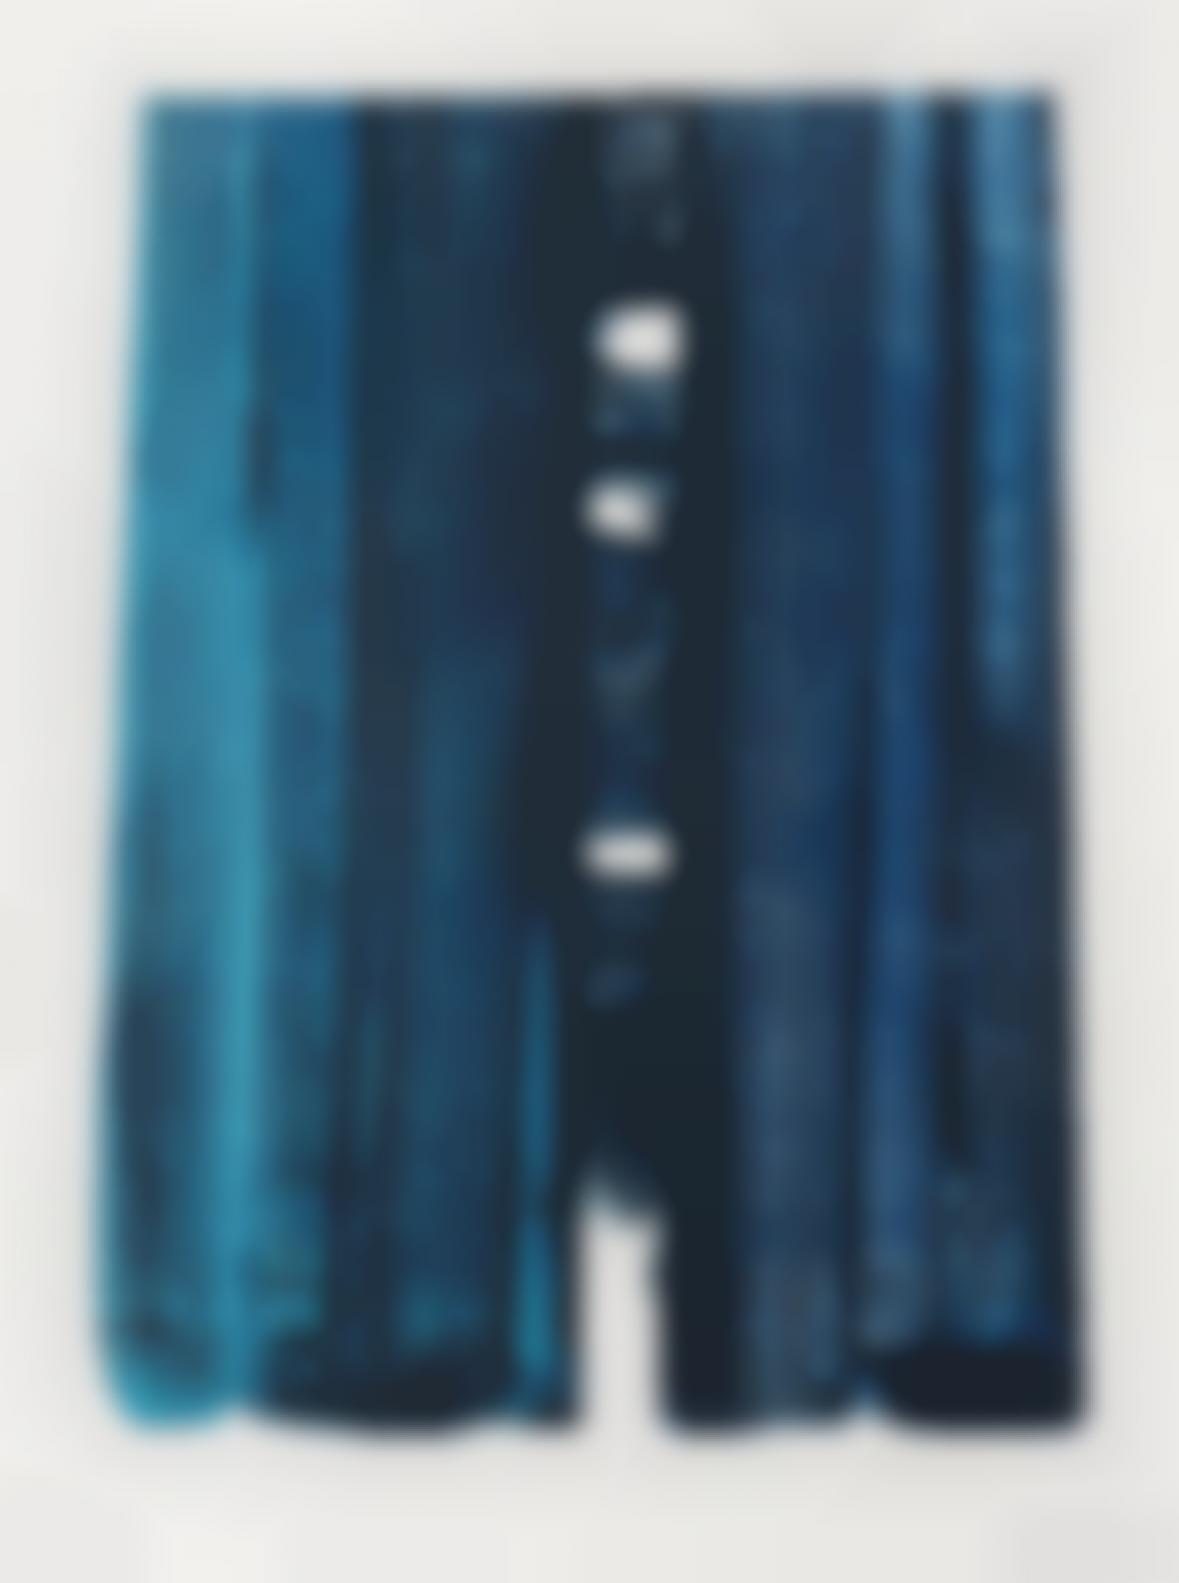 Pierre Soulages-Lithographie No.42 (Encreve 91)-1979